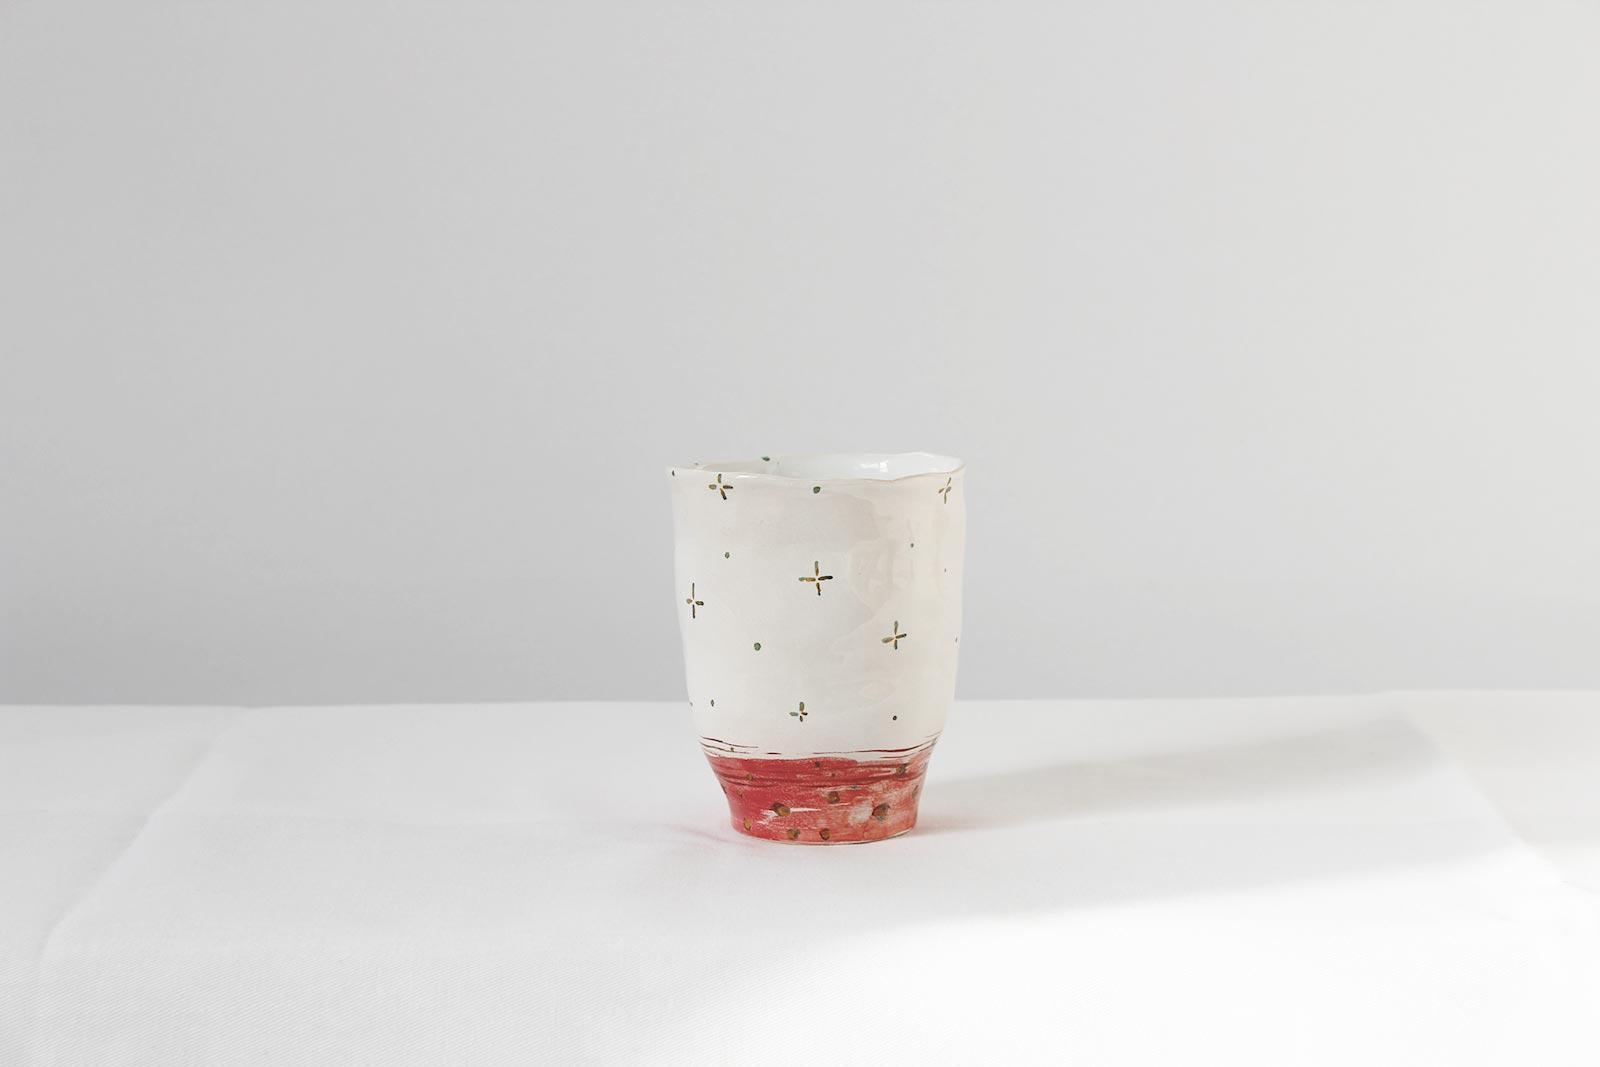 Вид сзади - Стакан из керамики (Ручная работа)